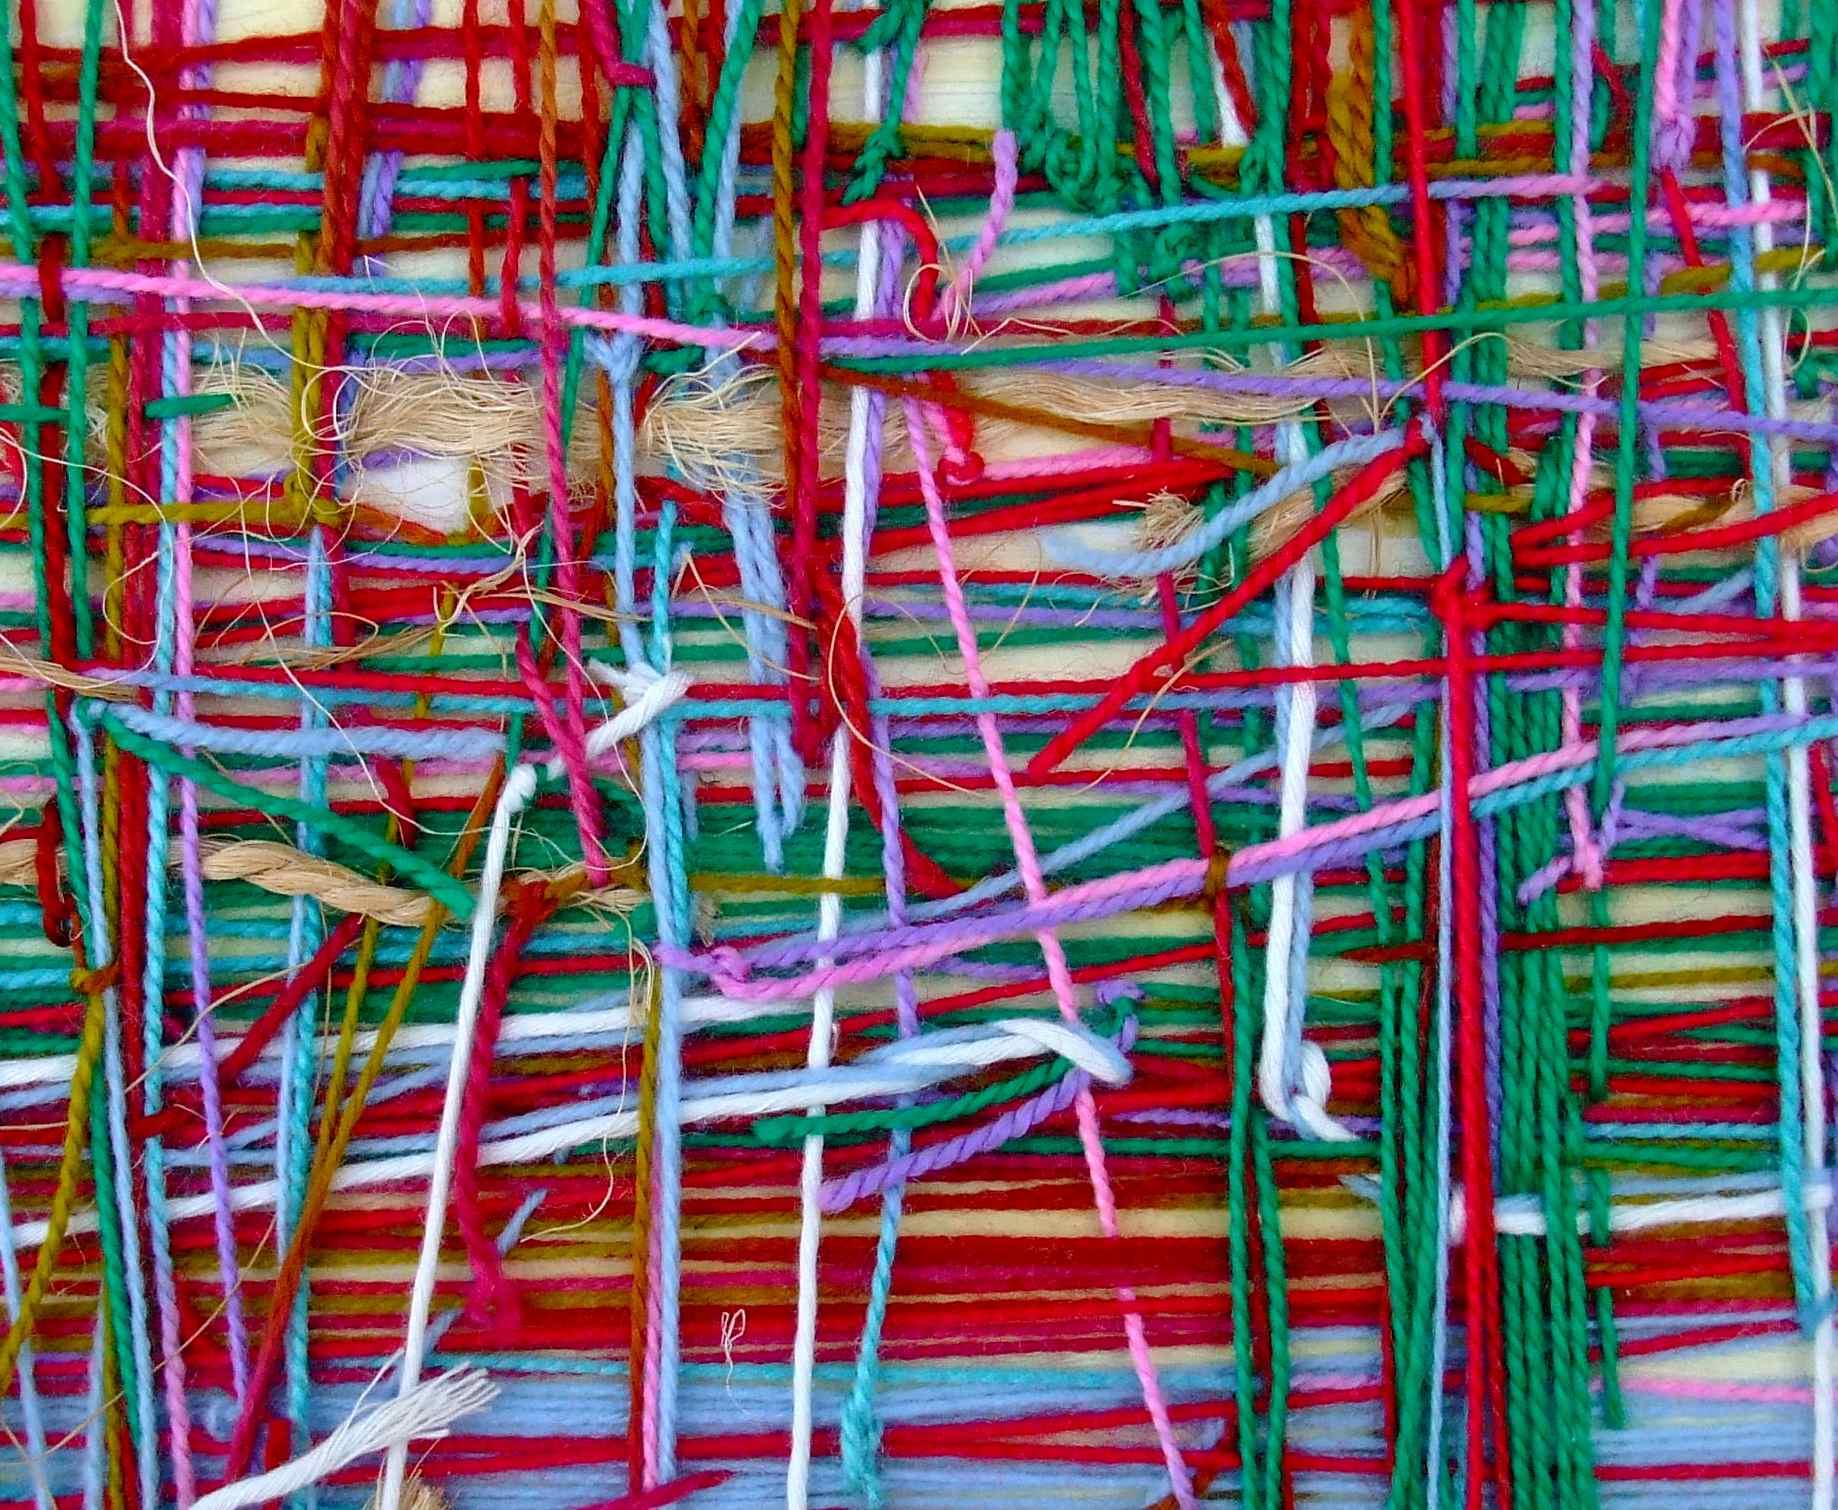 BÜCHER gemalt – GUNDI FEYRER